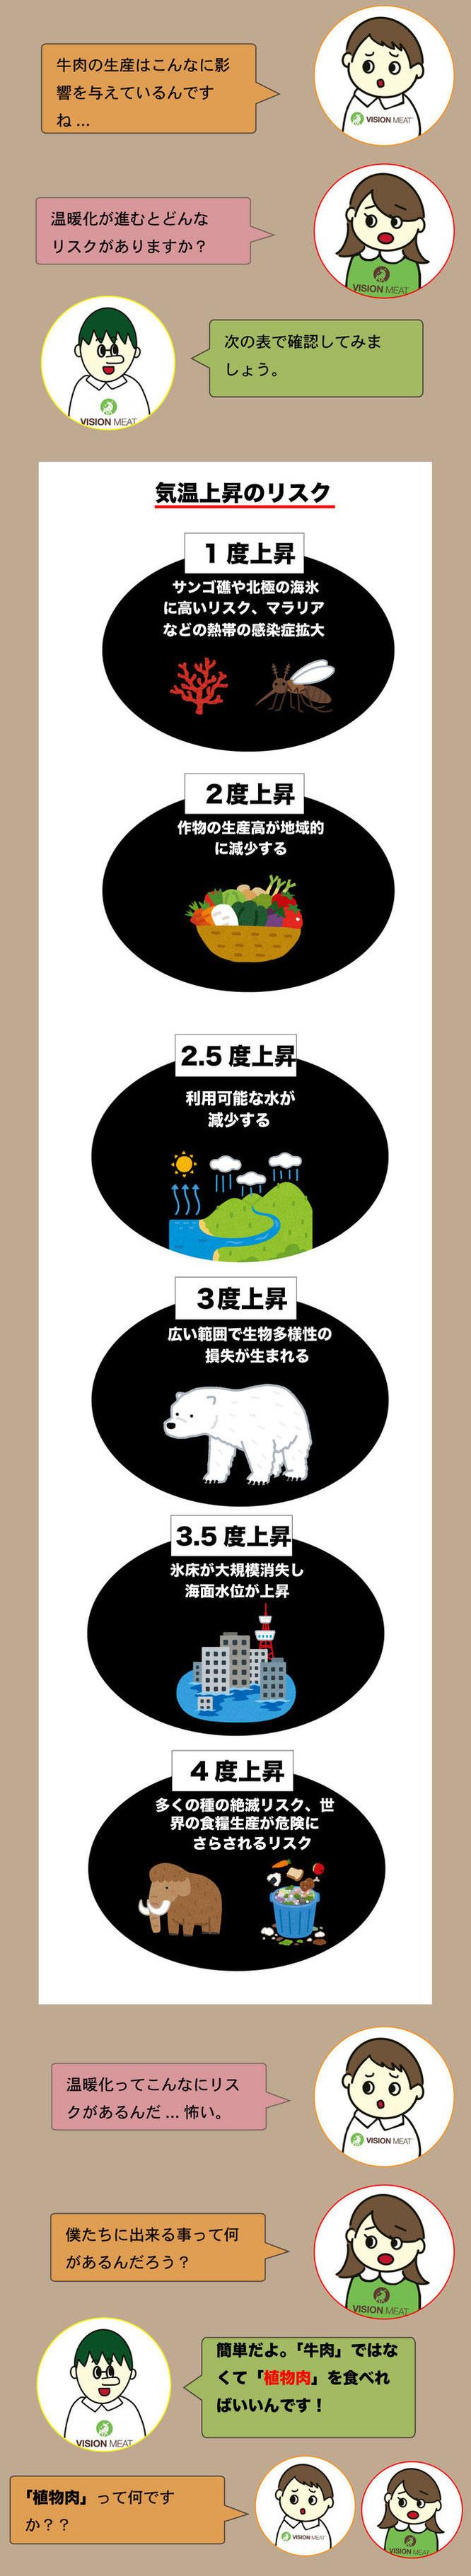 温暖化のリスクを防ぐには、大豆ミートなどの植物肉を食べること